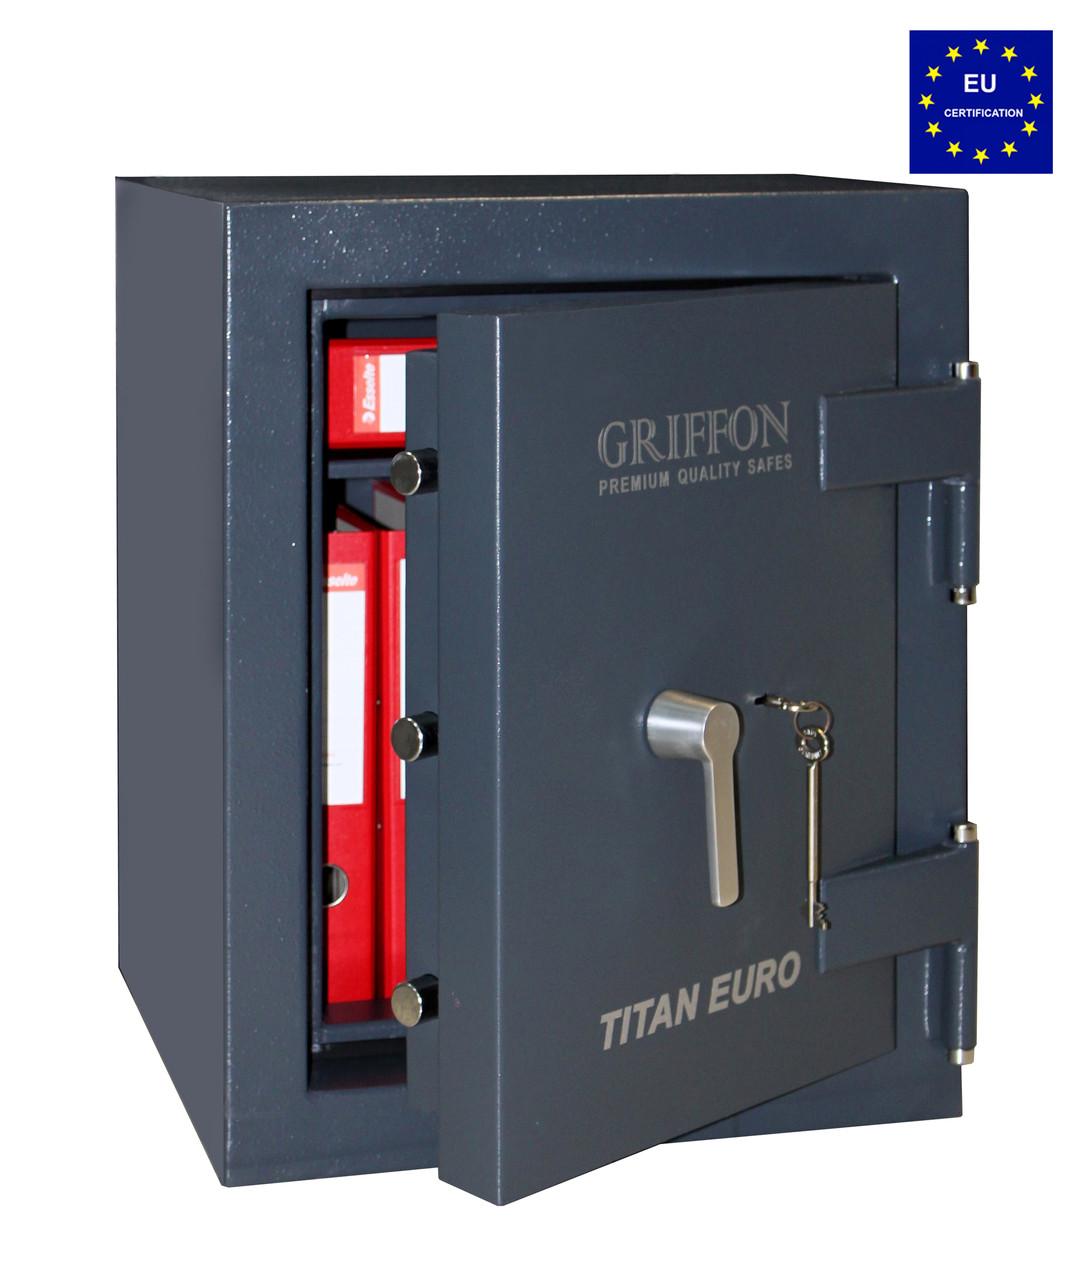 Огневзломостойкий сейф GRIFFON CLE.II.60.K черный (Украина), фото 3